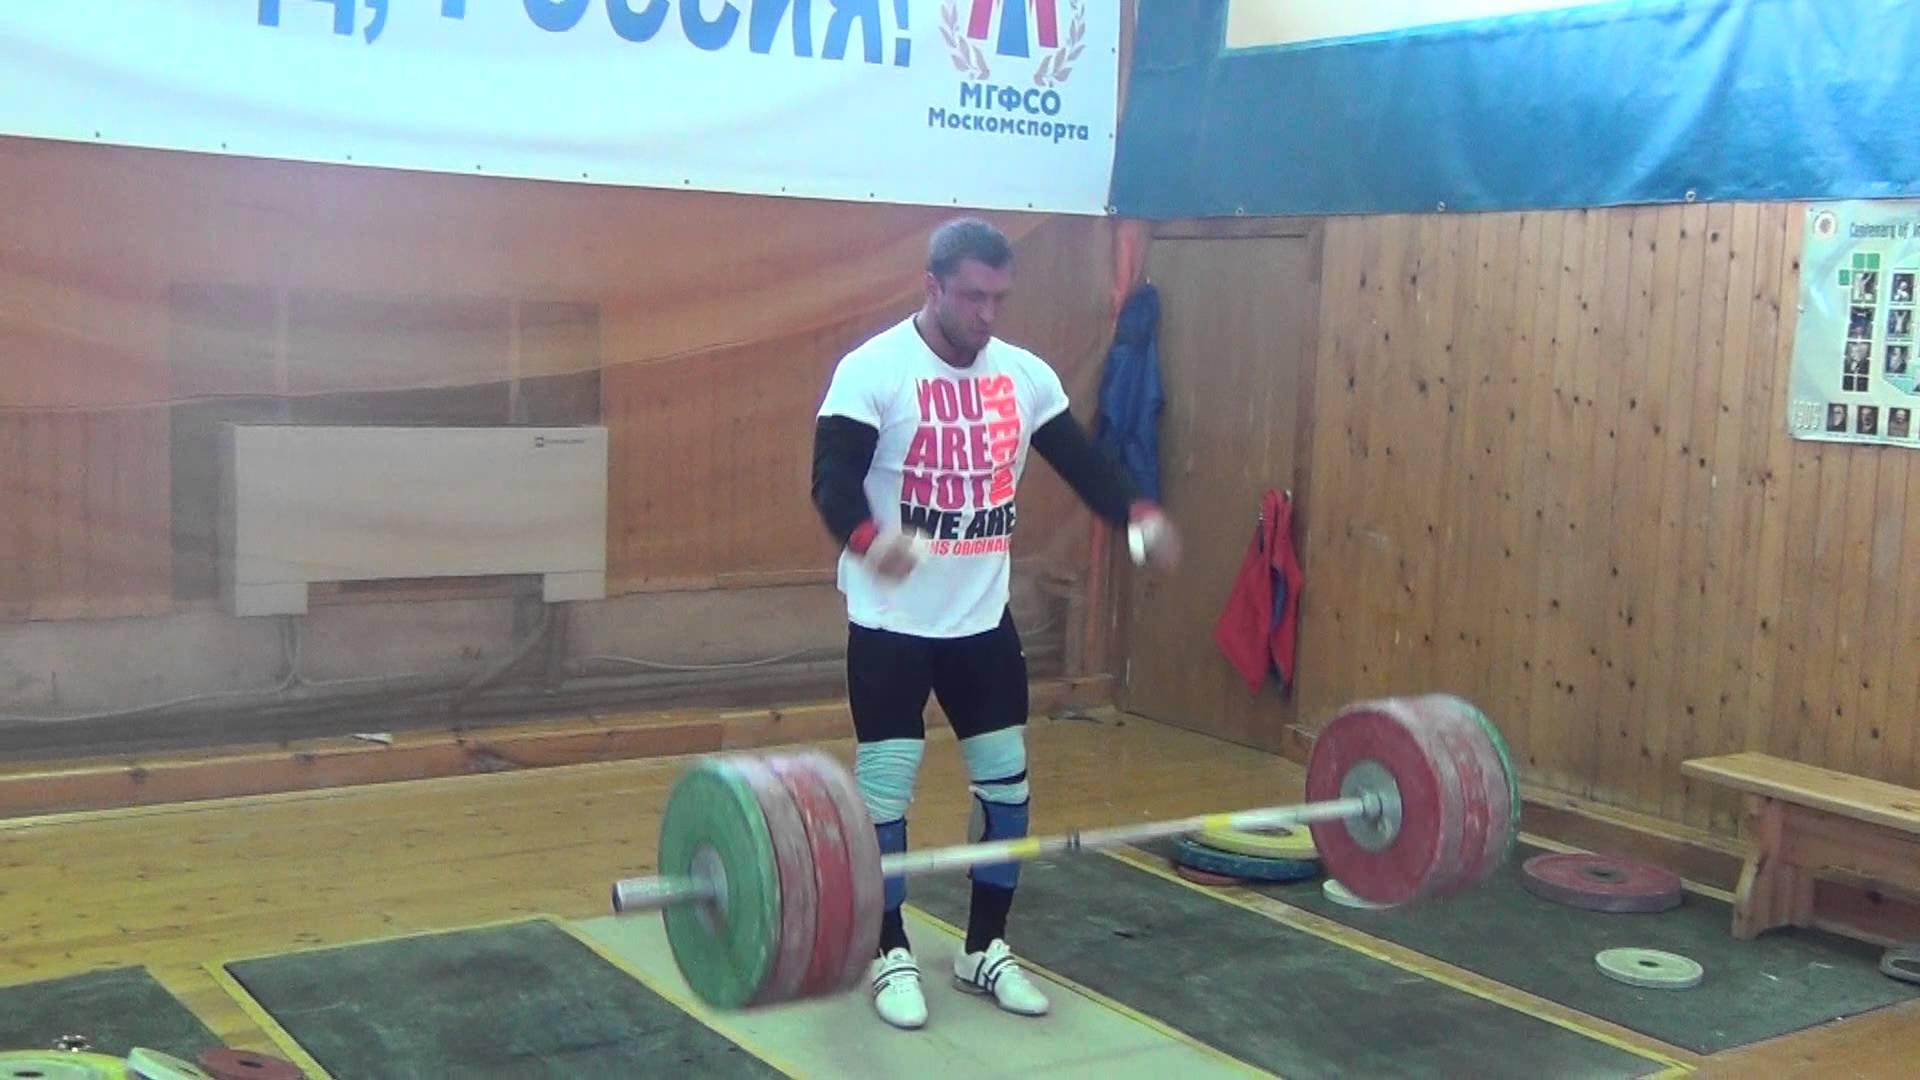 Dmitry Klokov 190kg Snatch - All Things Gym